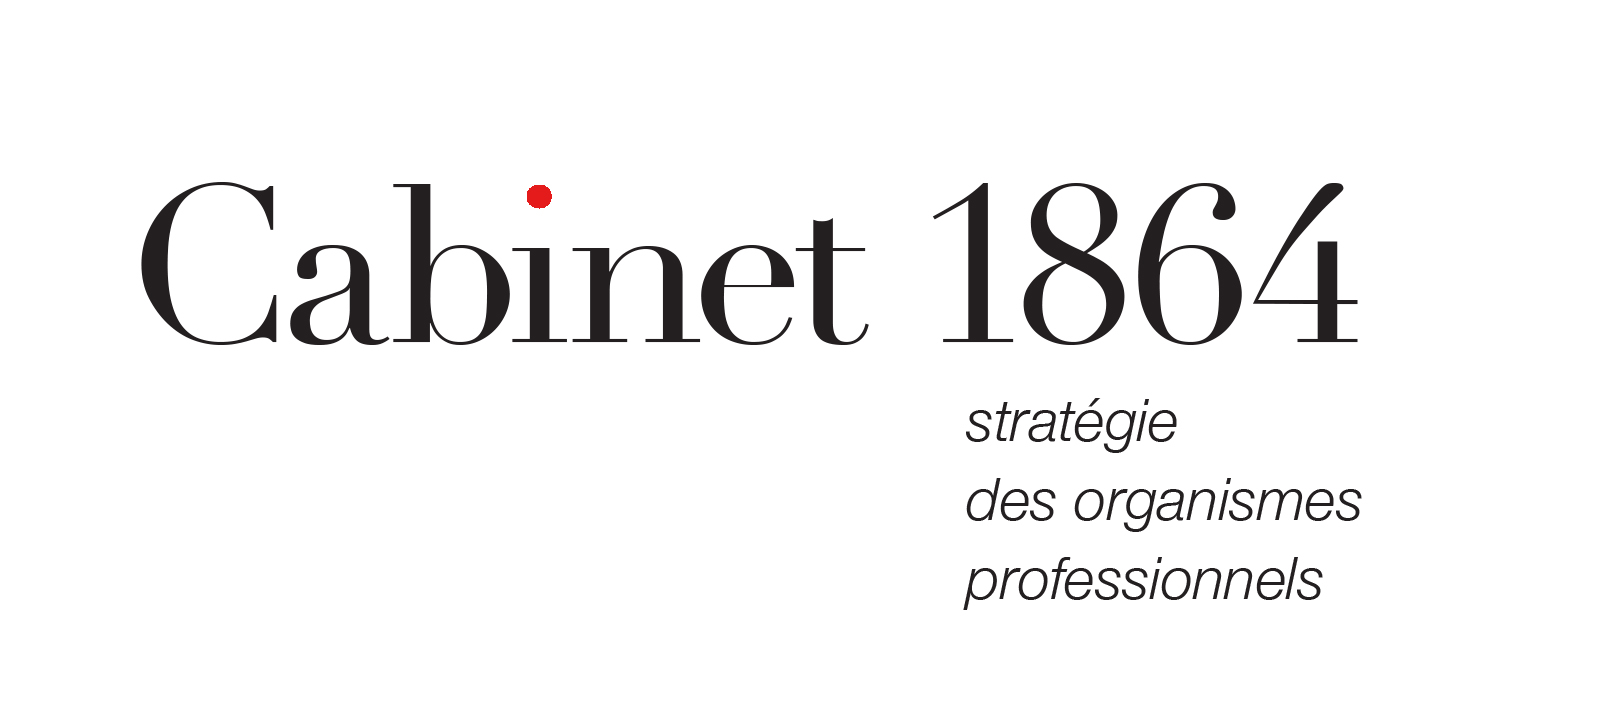 Cabinet 1864 – Stratégie des organismes professionnels